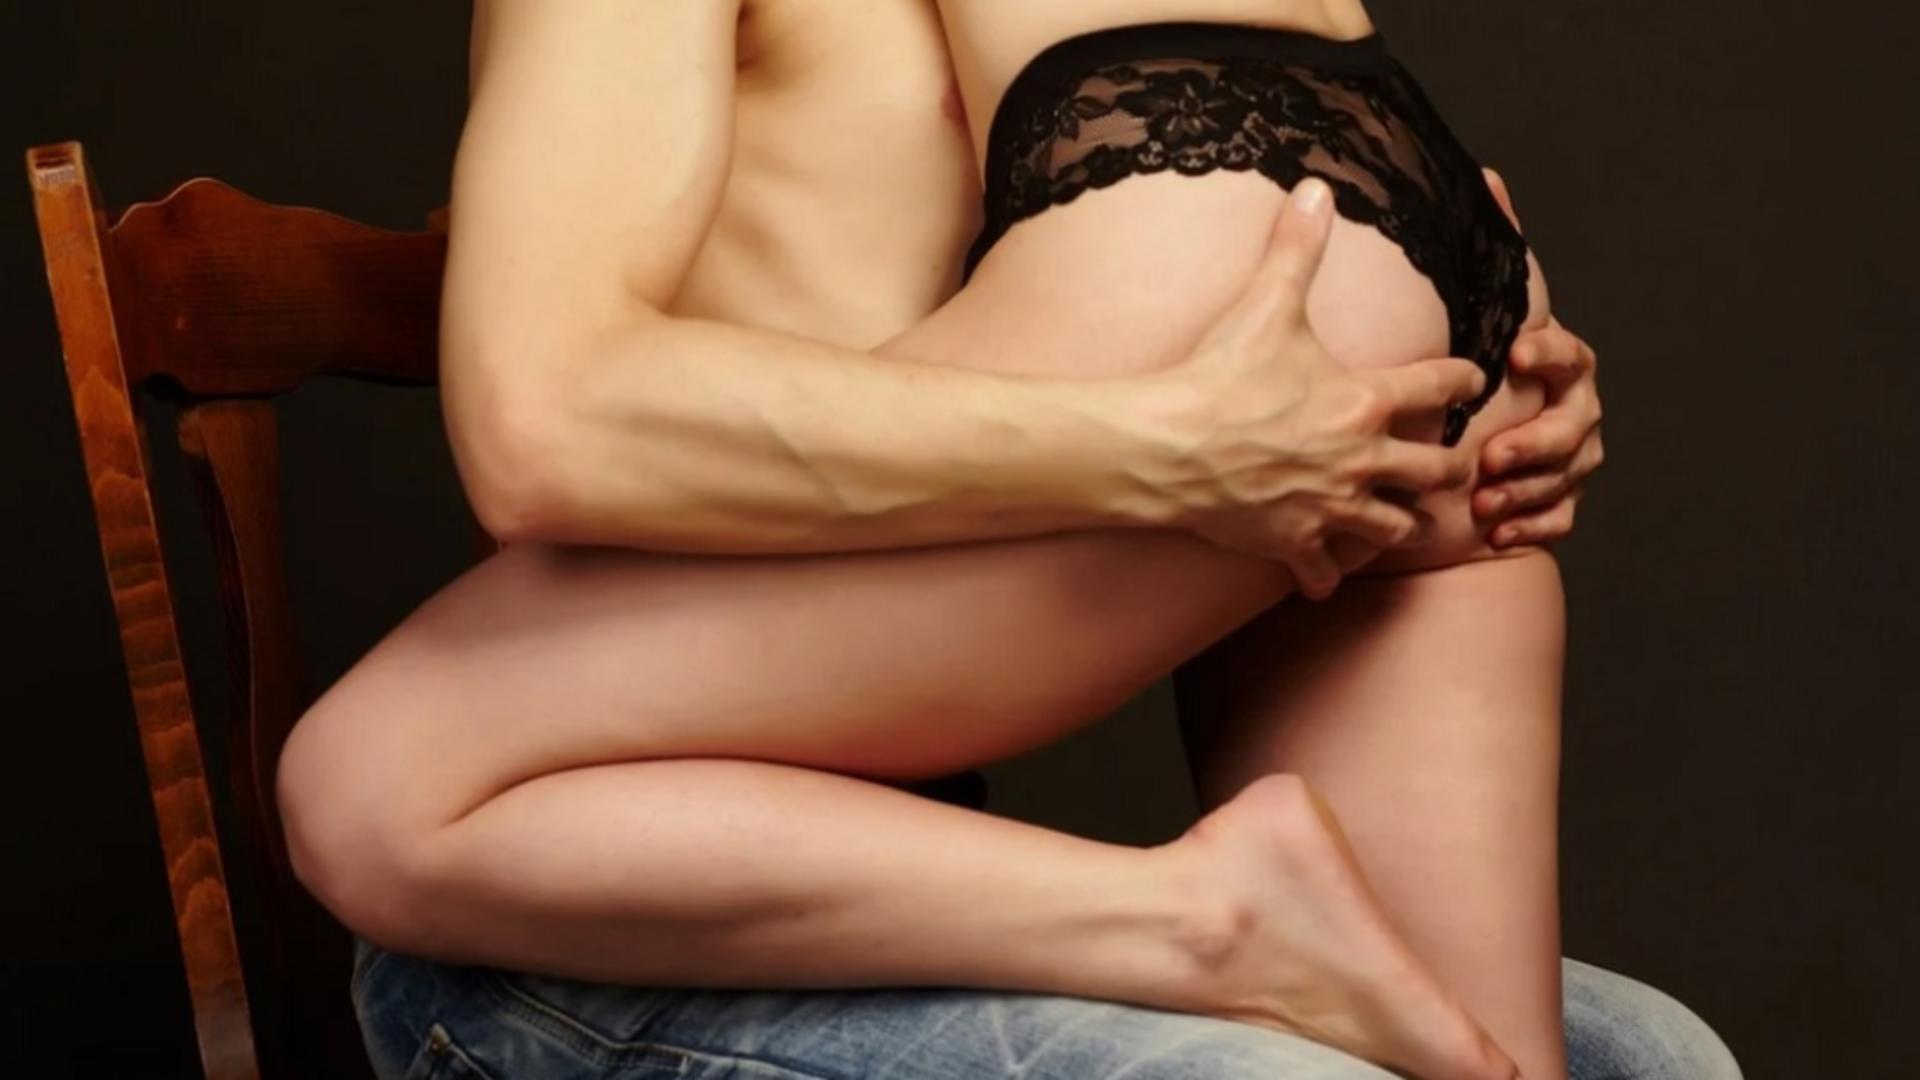 Câte persoane fac sex într-un minut